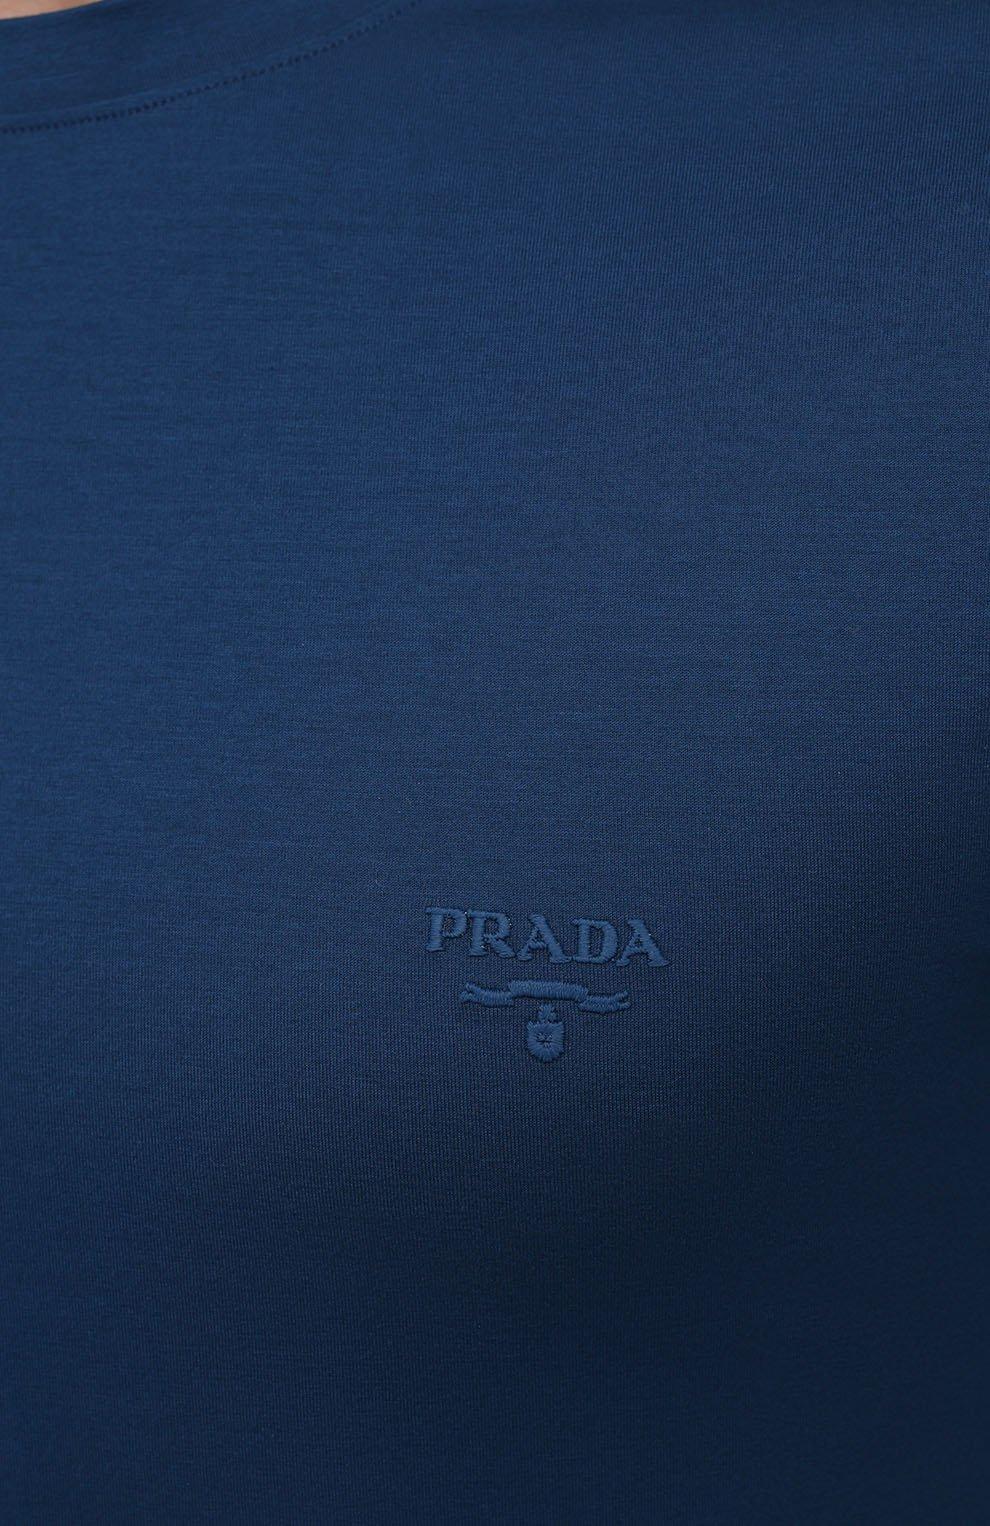 Мужская хлопковая футболка PRADA синего цвета, арт. UJM564-1UOR-F0AFC-092   Фото 5 (Принт: Без принта; Рукава: Короткие; Длина (для топов): Стандартные; Материал внешний: Хлопок; Стили: Кэжуэл)